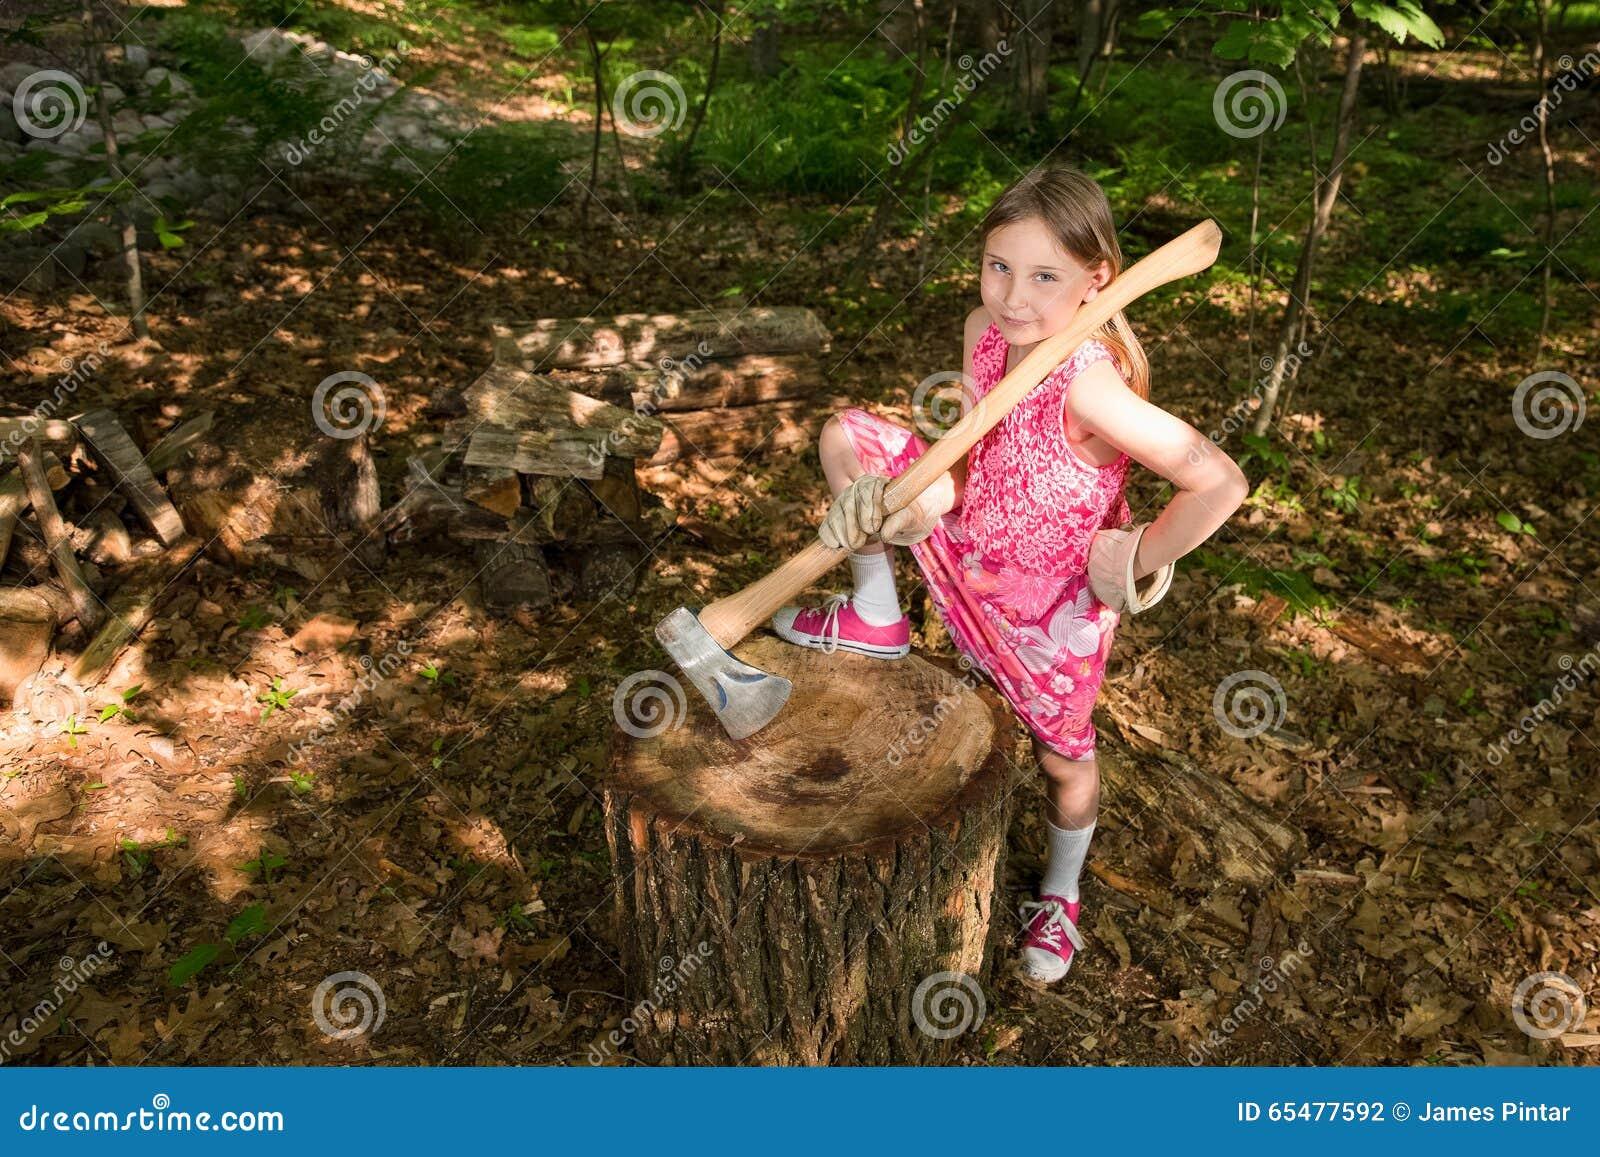 nenets woman cutting firewood - photo #40